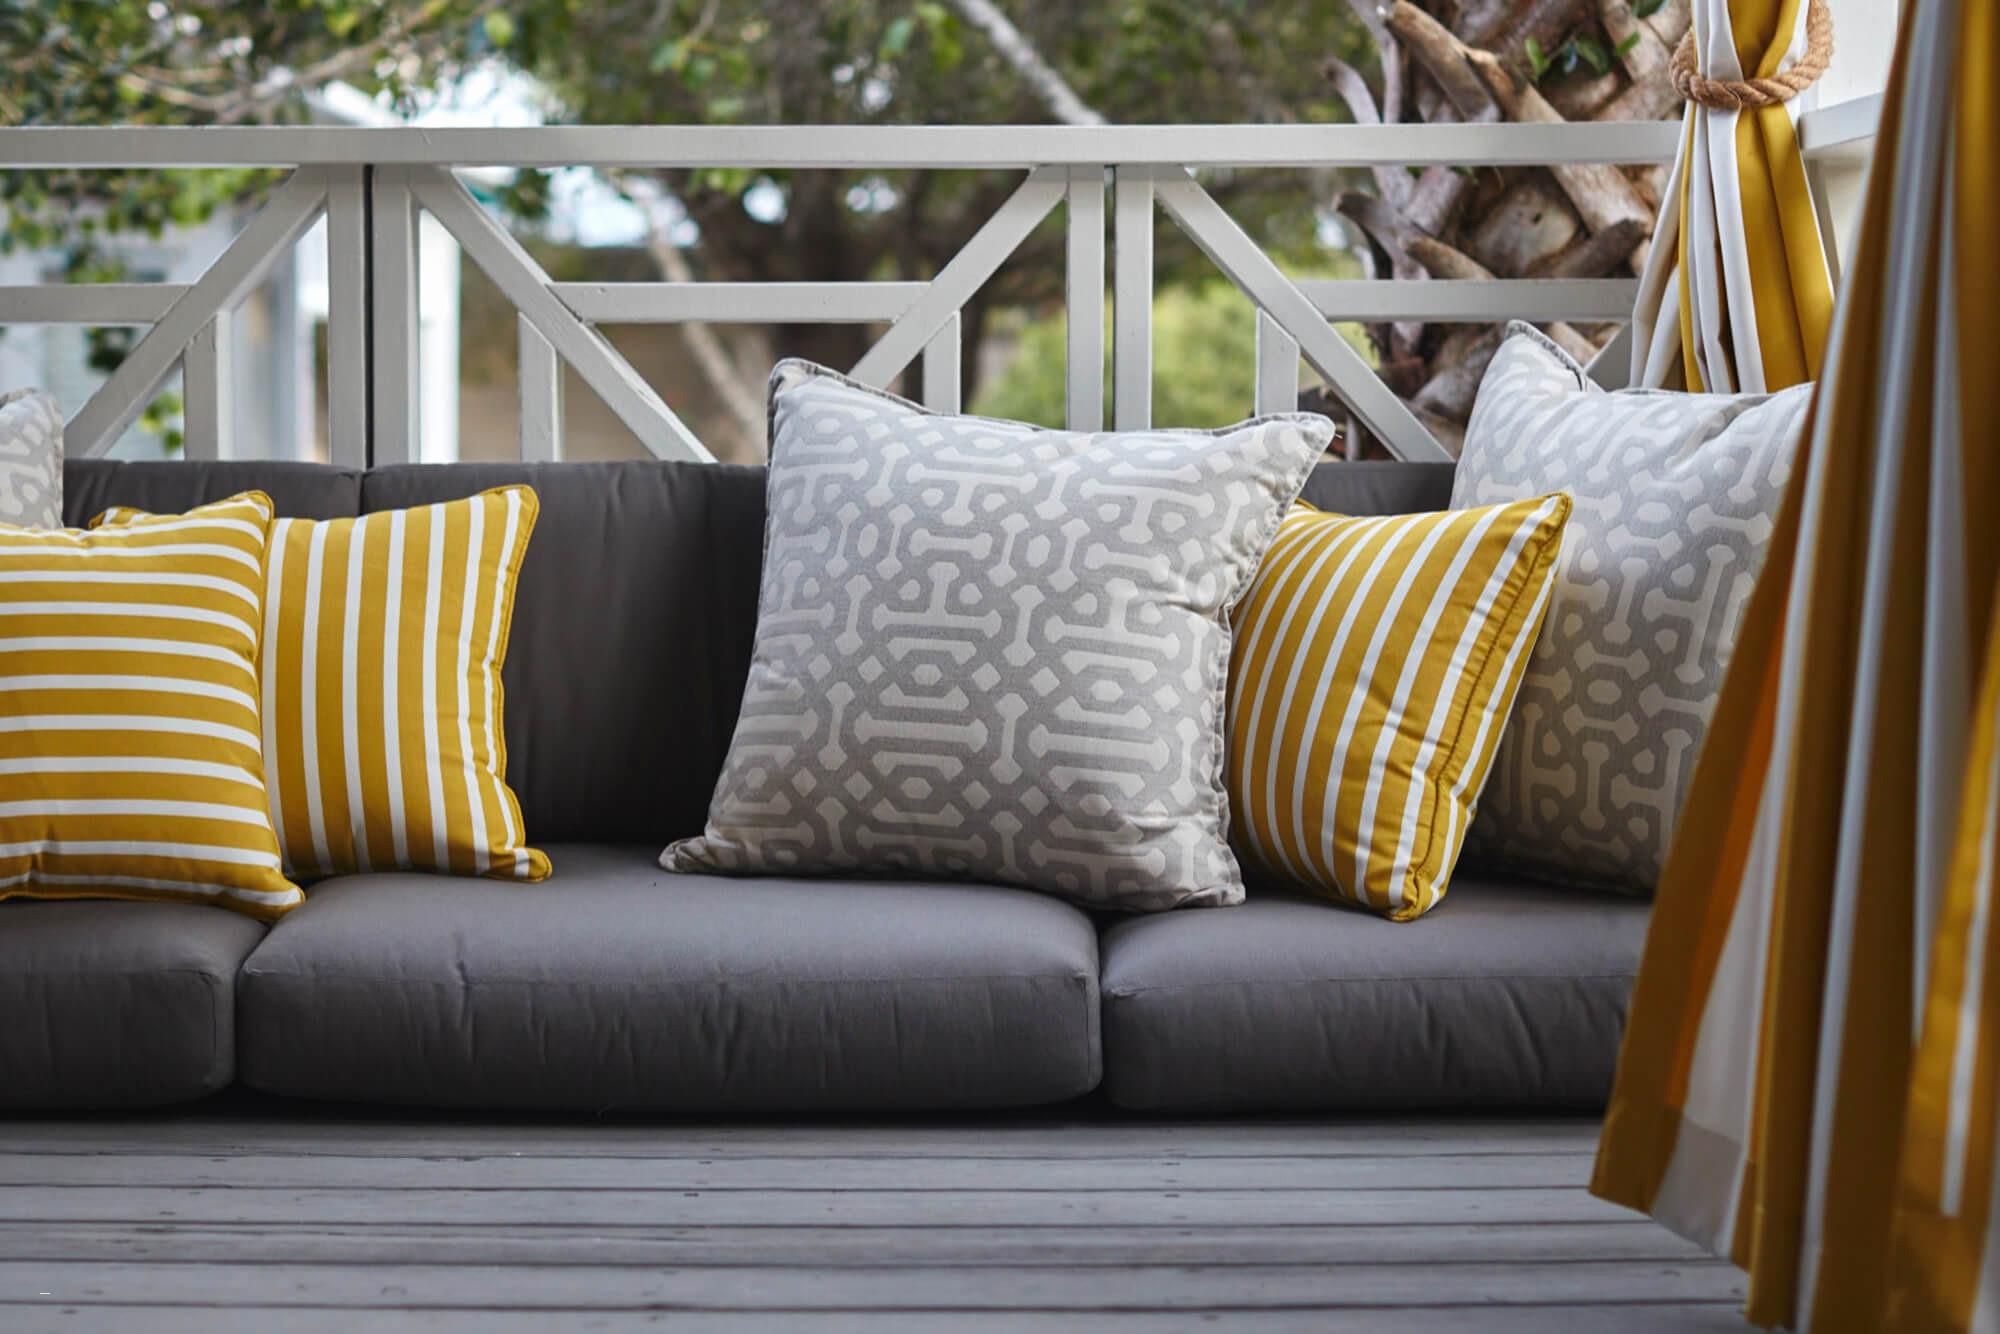 Best ideas about Sunbrella Outdoor Furniture . Save or Pin Sunbrella Outdoor Furniture Fabric Cushions Modern Ideas Now.